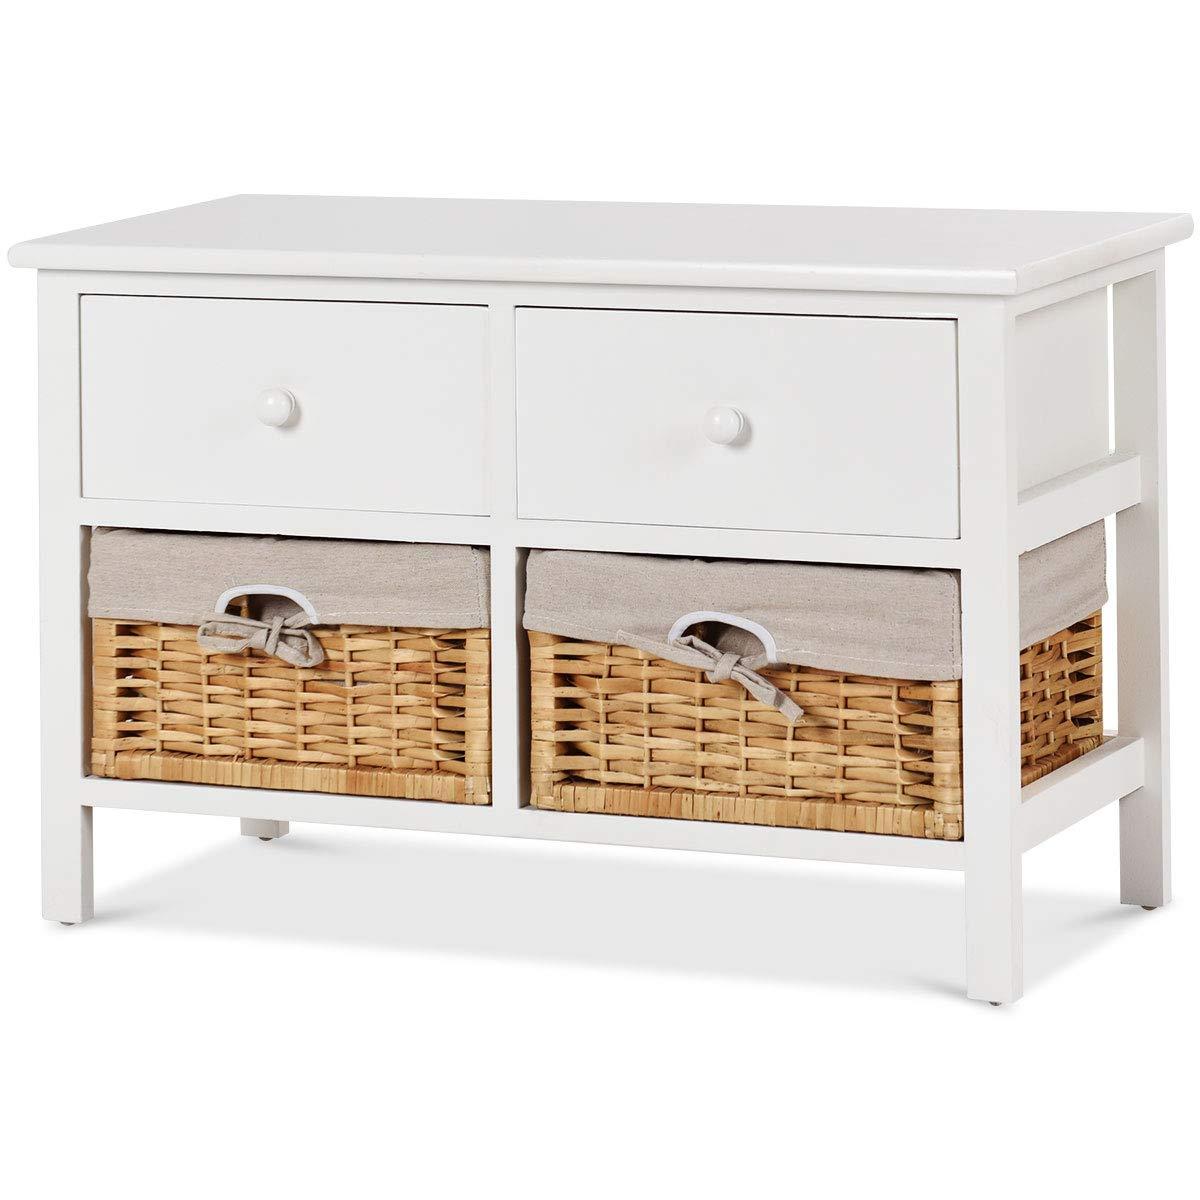 Amazon.com: Giantex Storage Bench Wooden Storage Cabinet W/ 2 Wicker Rattan  Baskets 2 Drawer Storage Organizer: Kitchen U0026 Dining